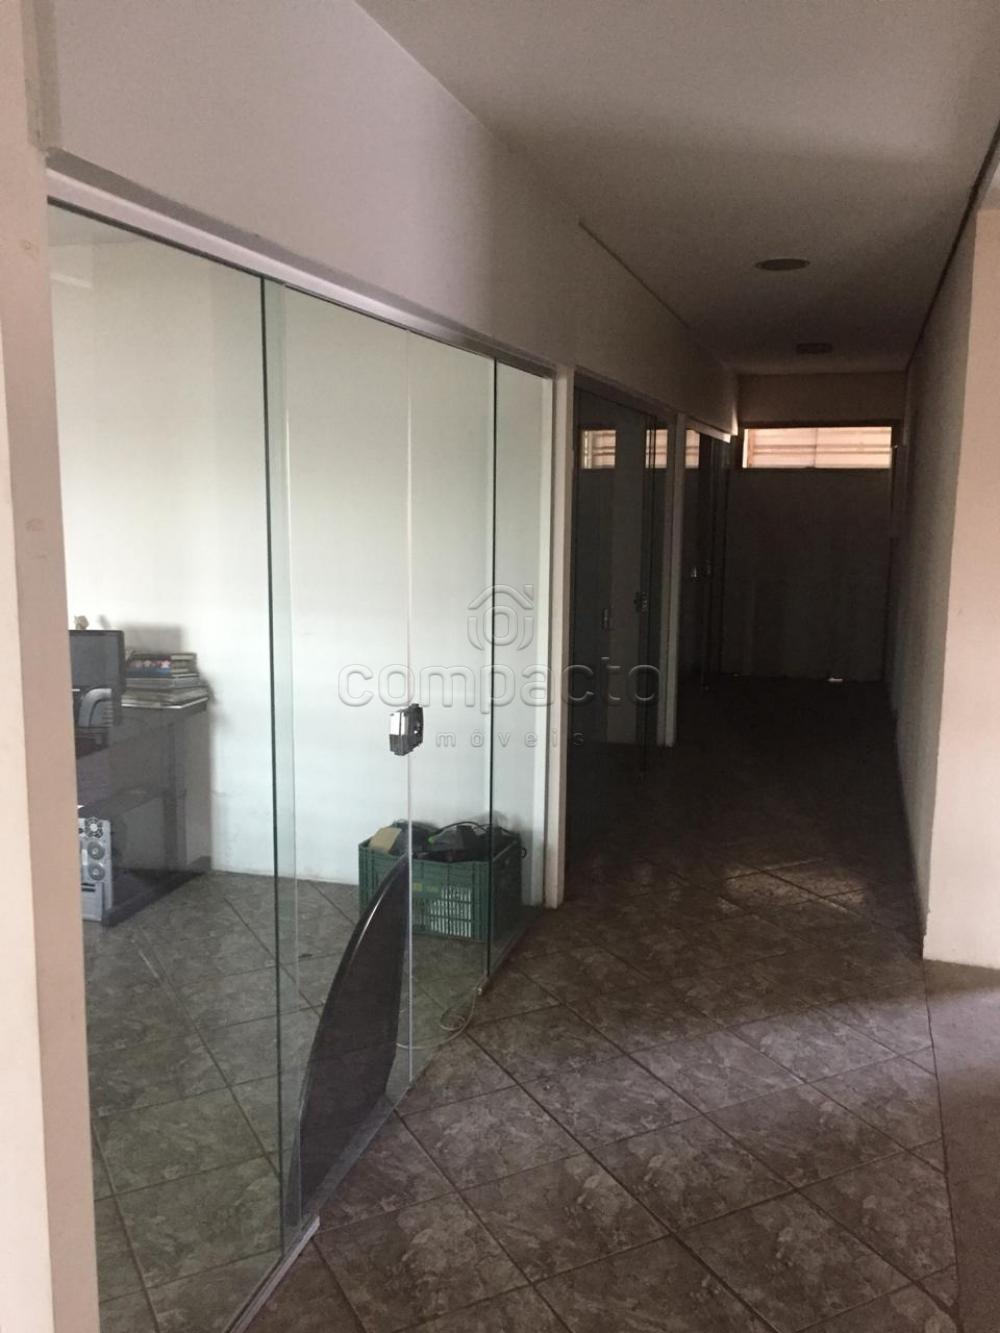 Alugar Comercial / Prédio em São José do Rio Preto apenas R$ 20.000,00 - Foto 12